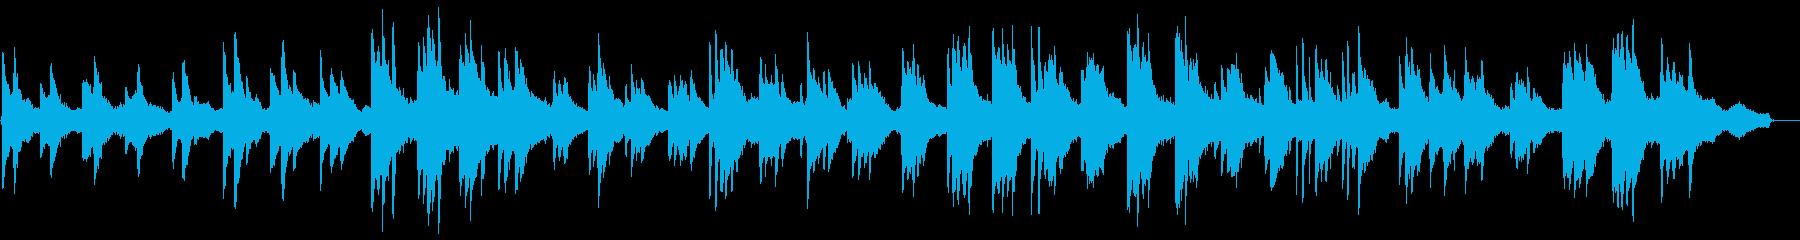 ヒーリングピアノ組曲 まどろみ 10の再生済みの波形